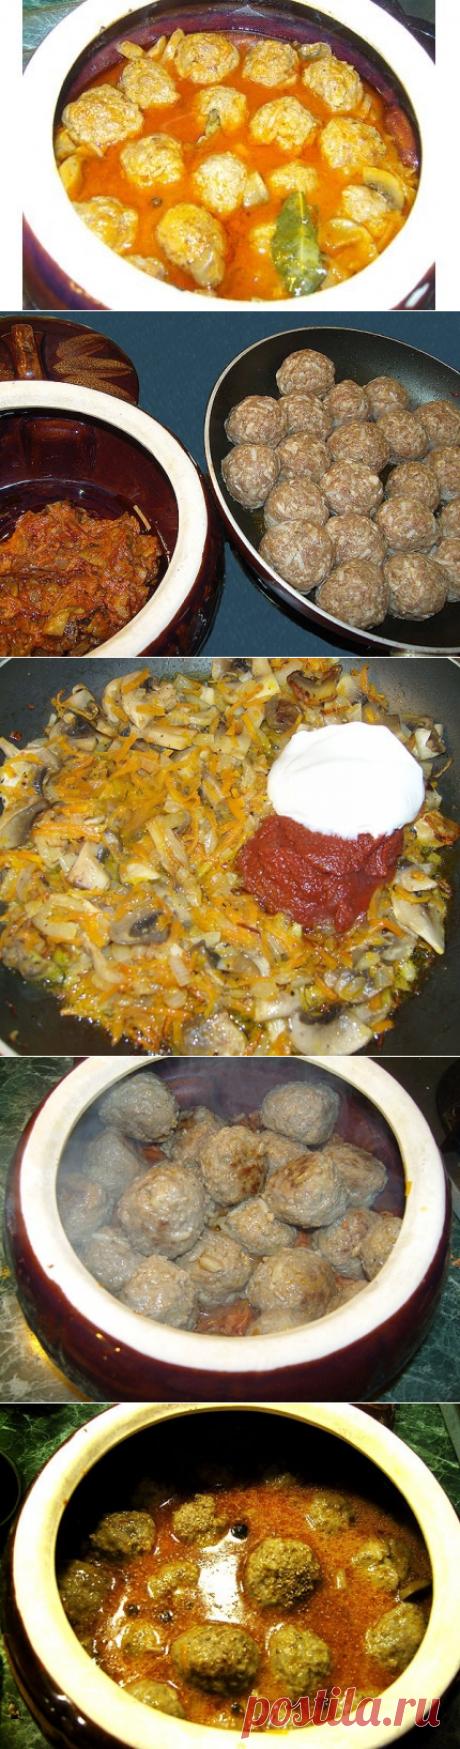 Как приготовить фрикадельки по-русски - рецепт, ингридиенты и фотографии